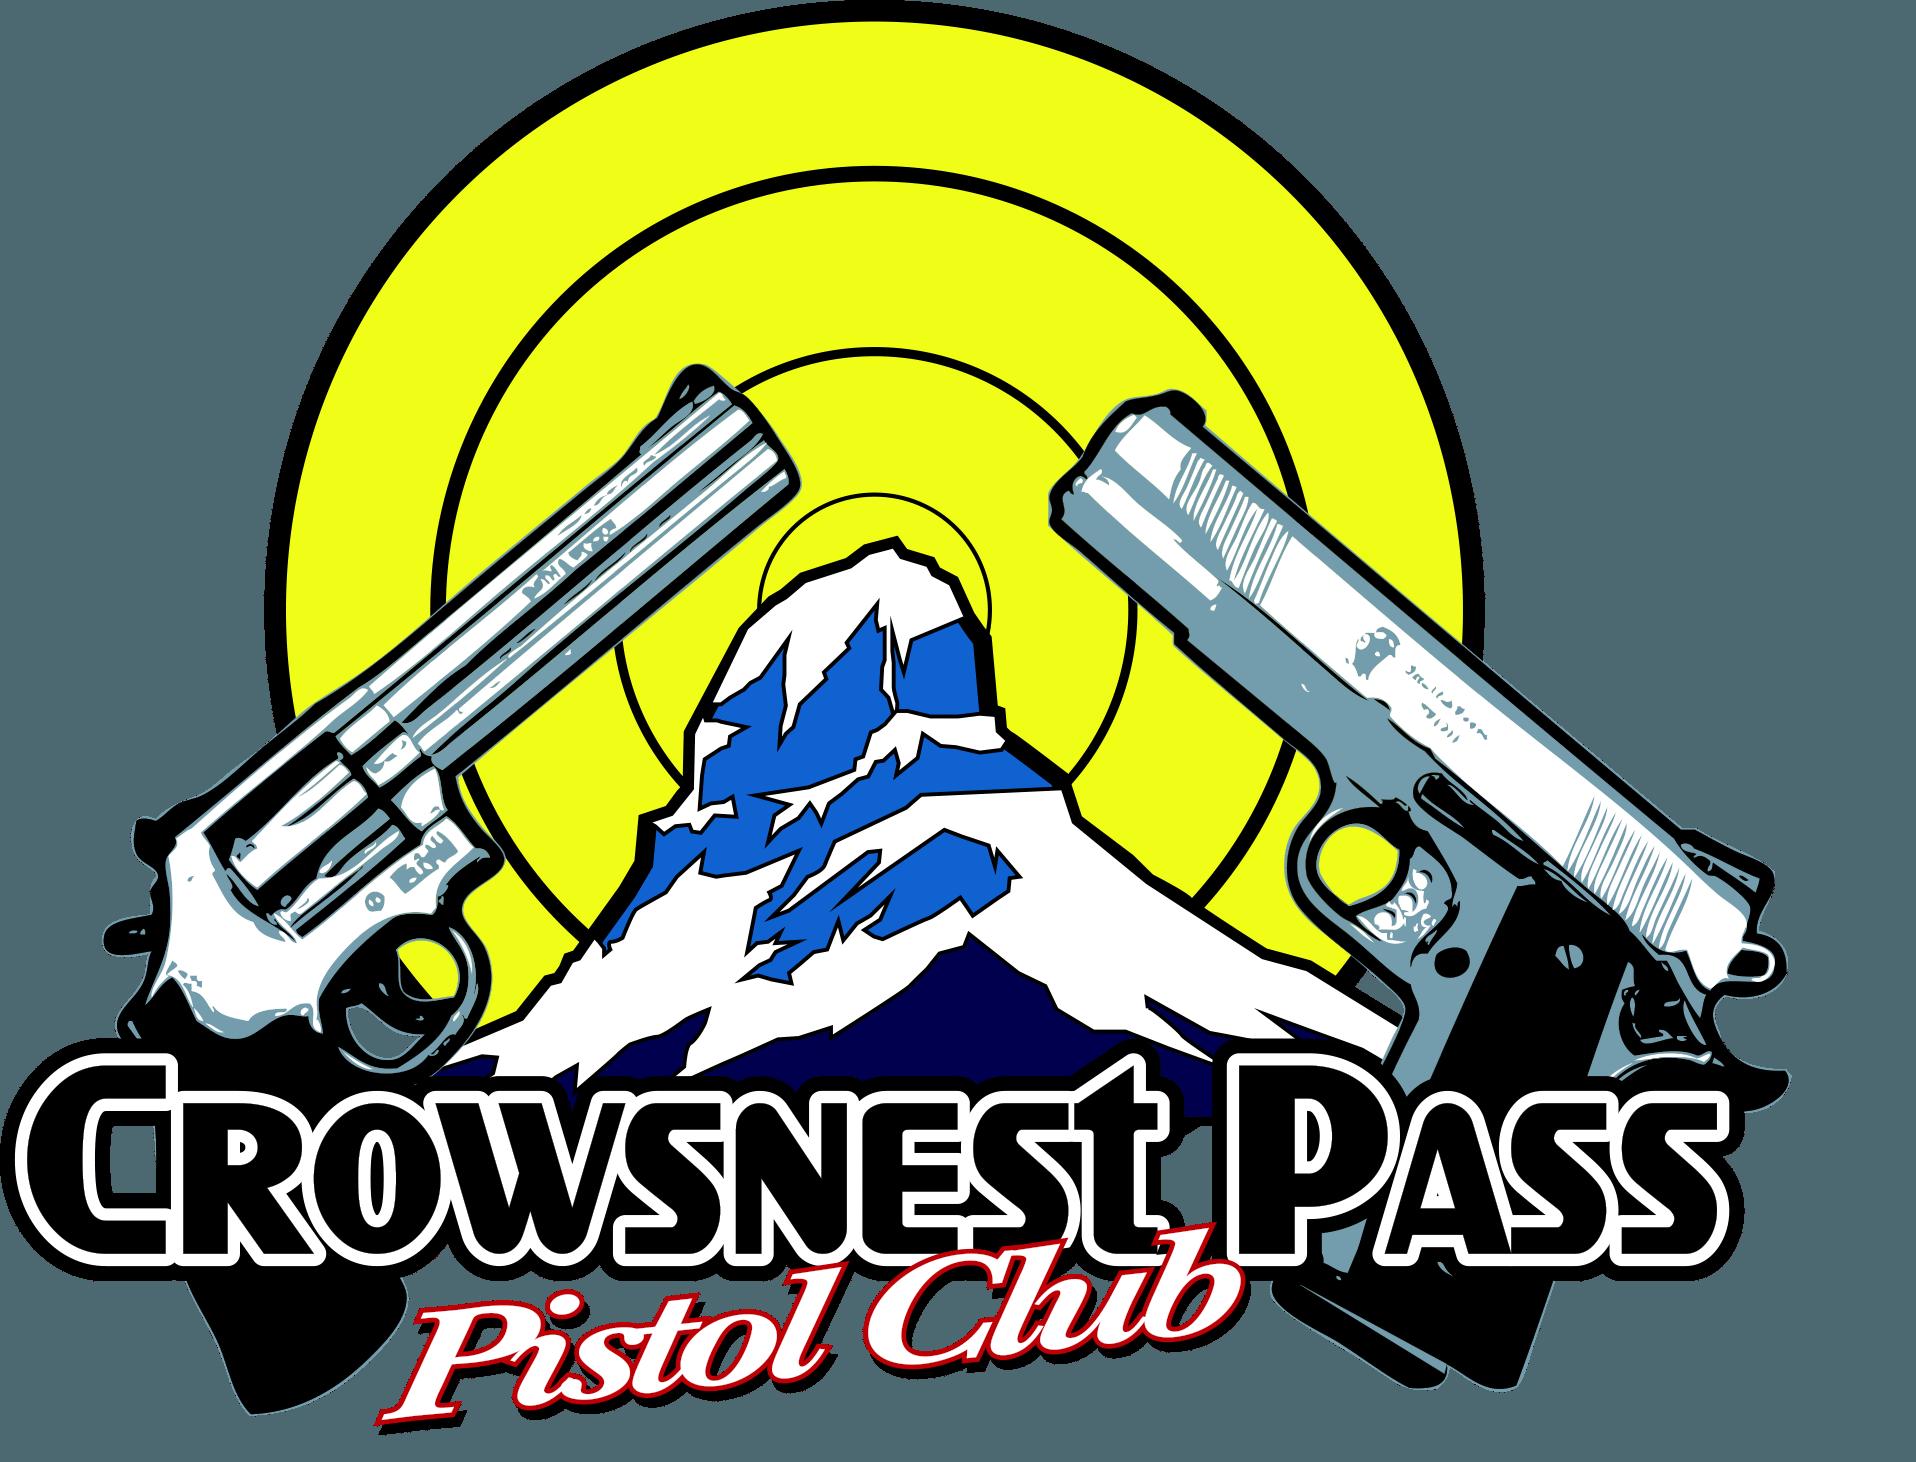 Nest clipart crow nest. Crowsnest pass pistol club